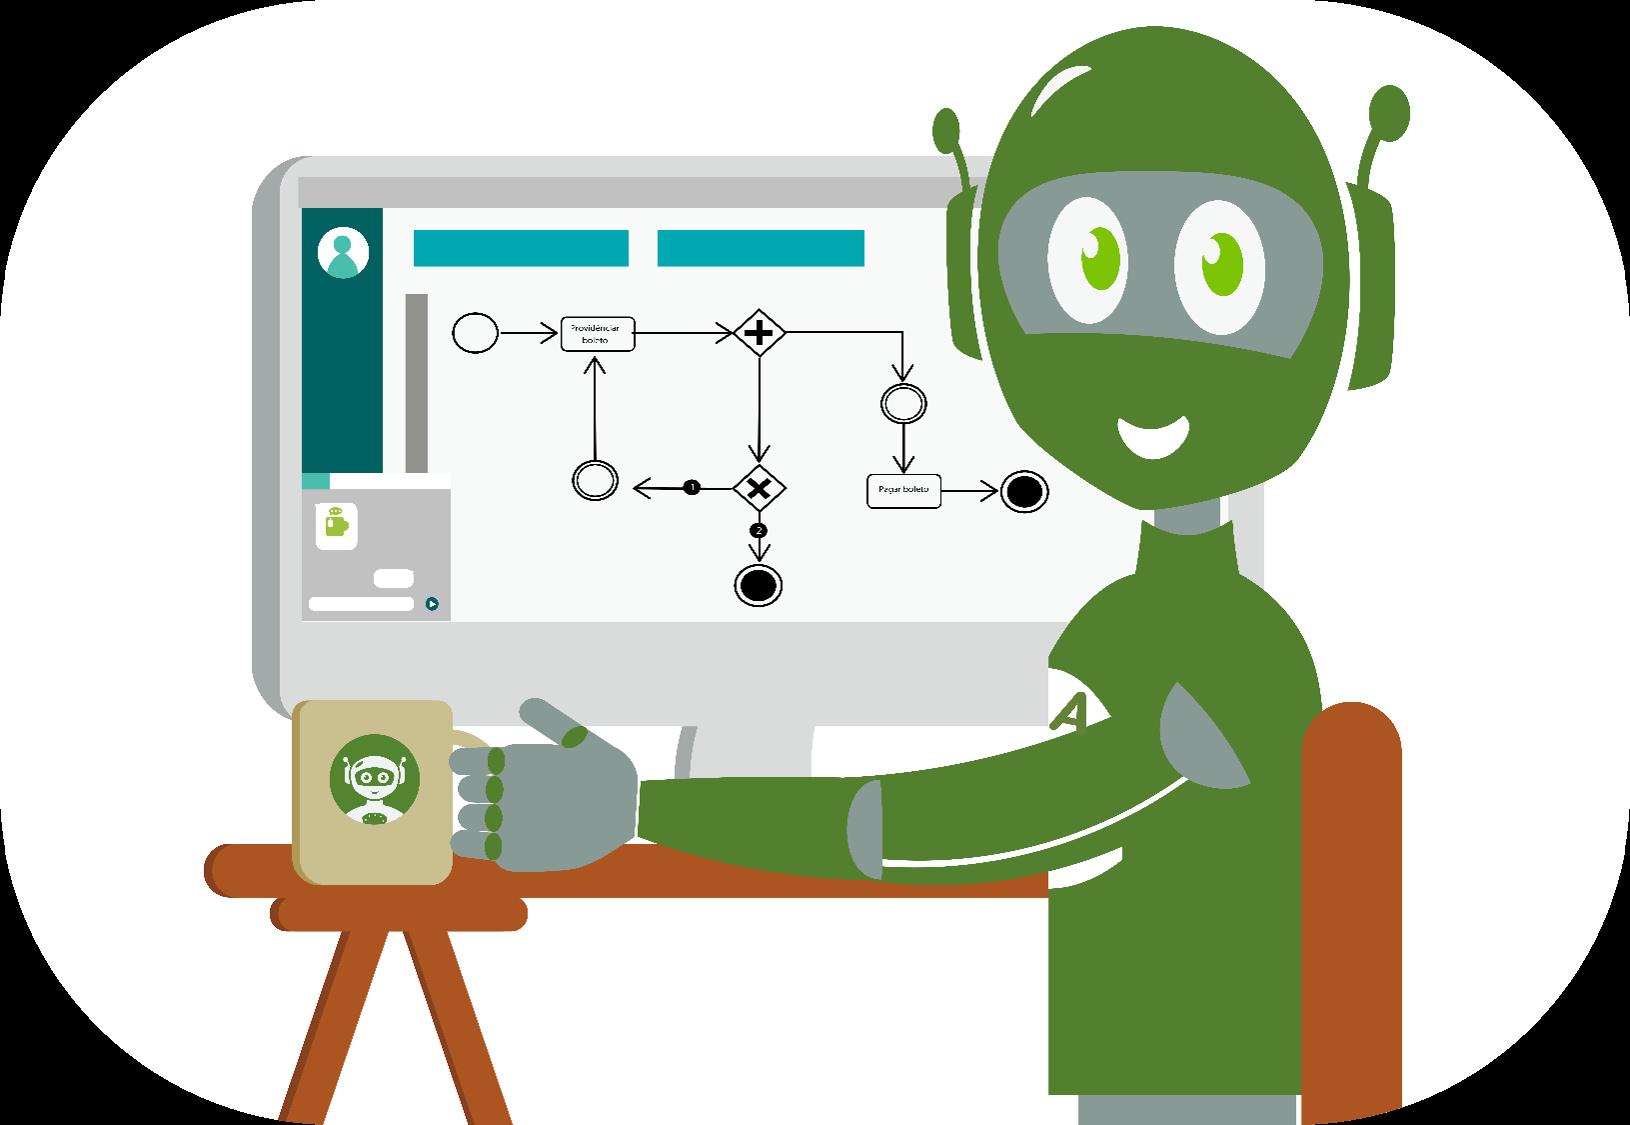 Formas de automatizar seus processos com RPA